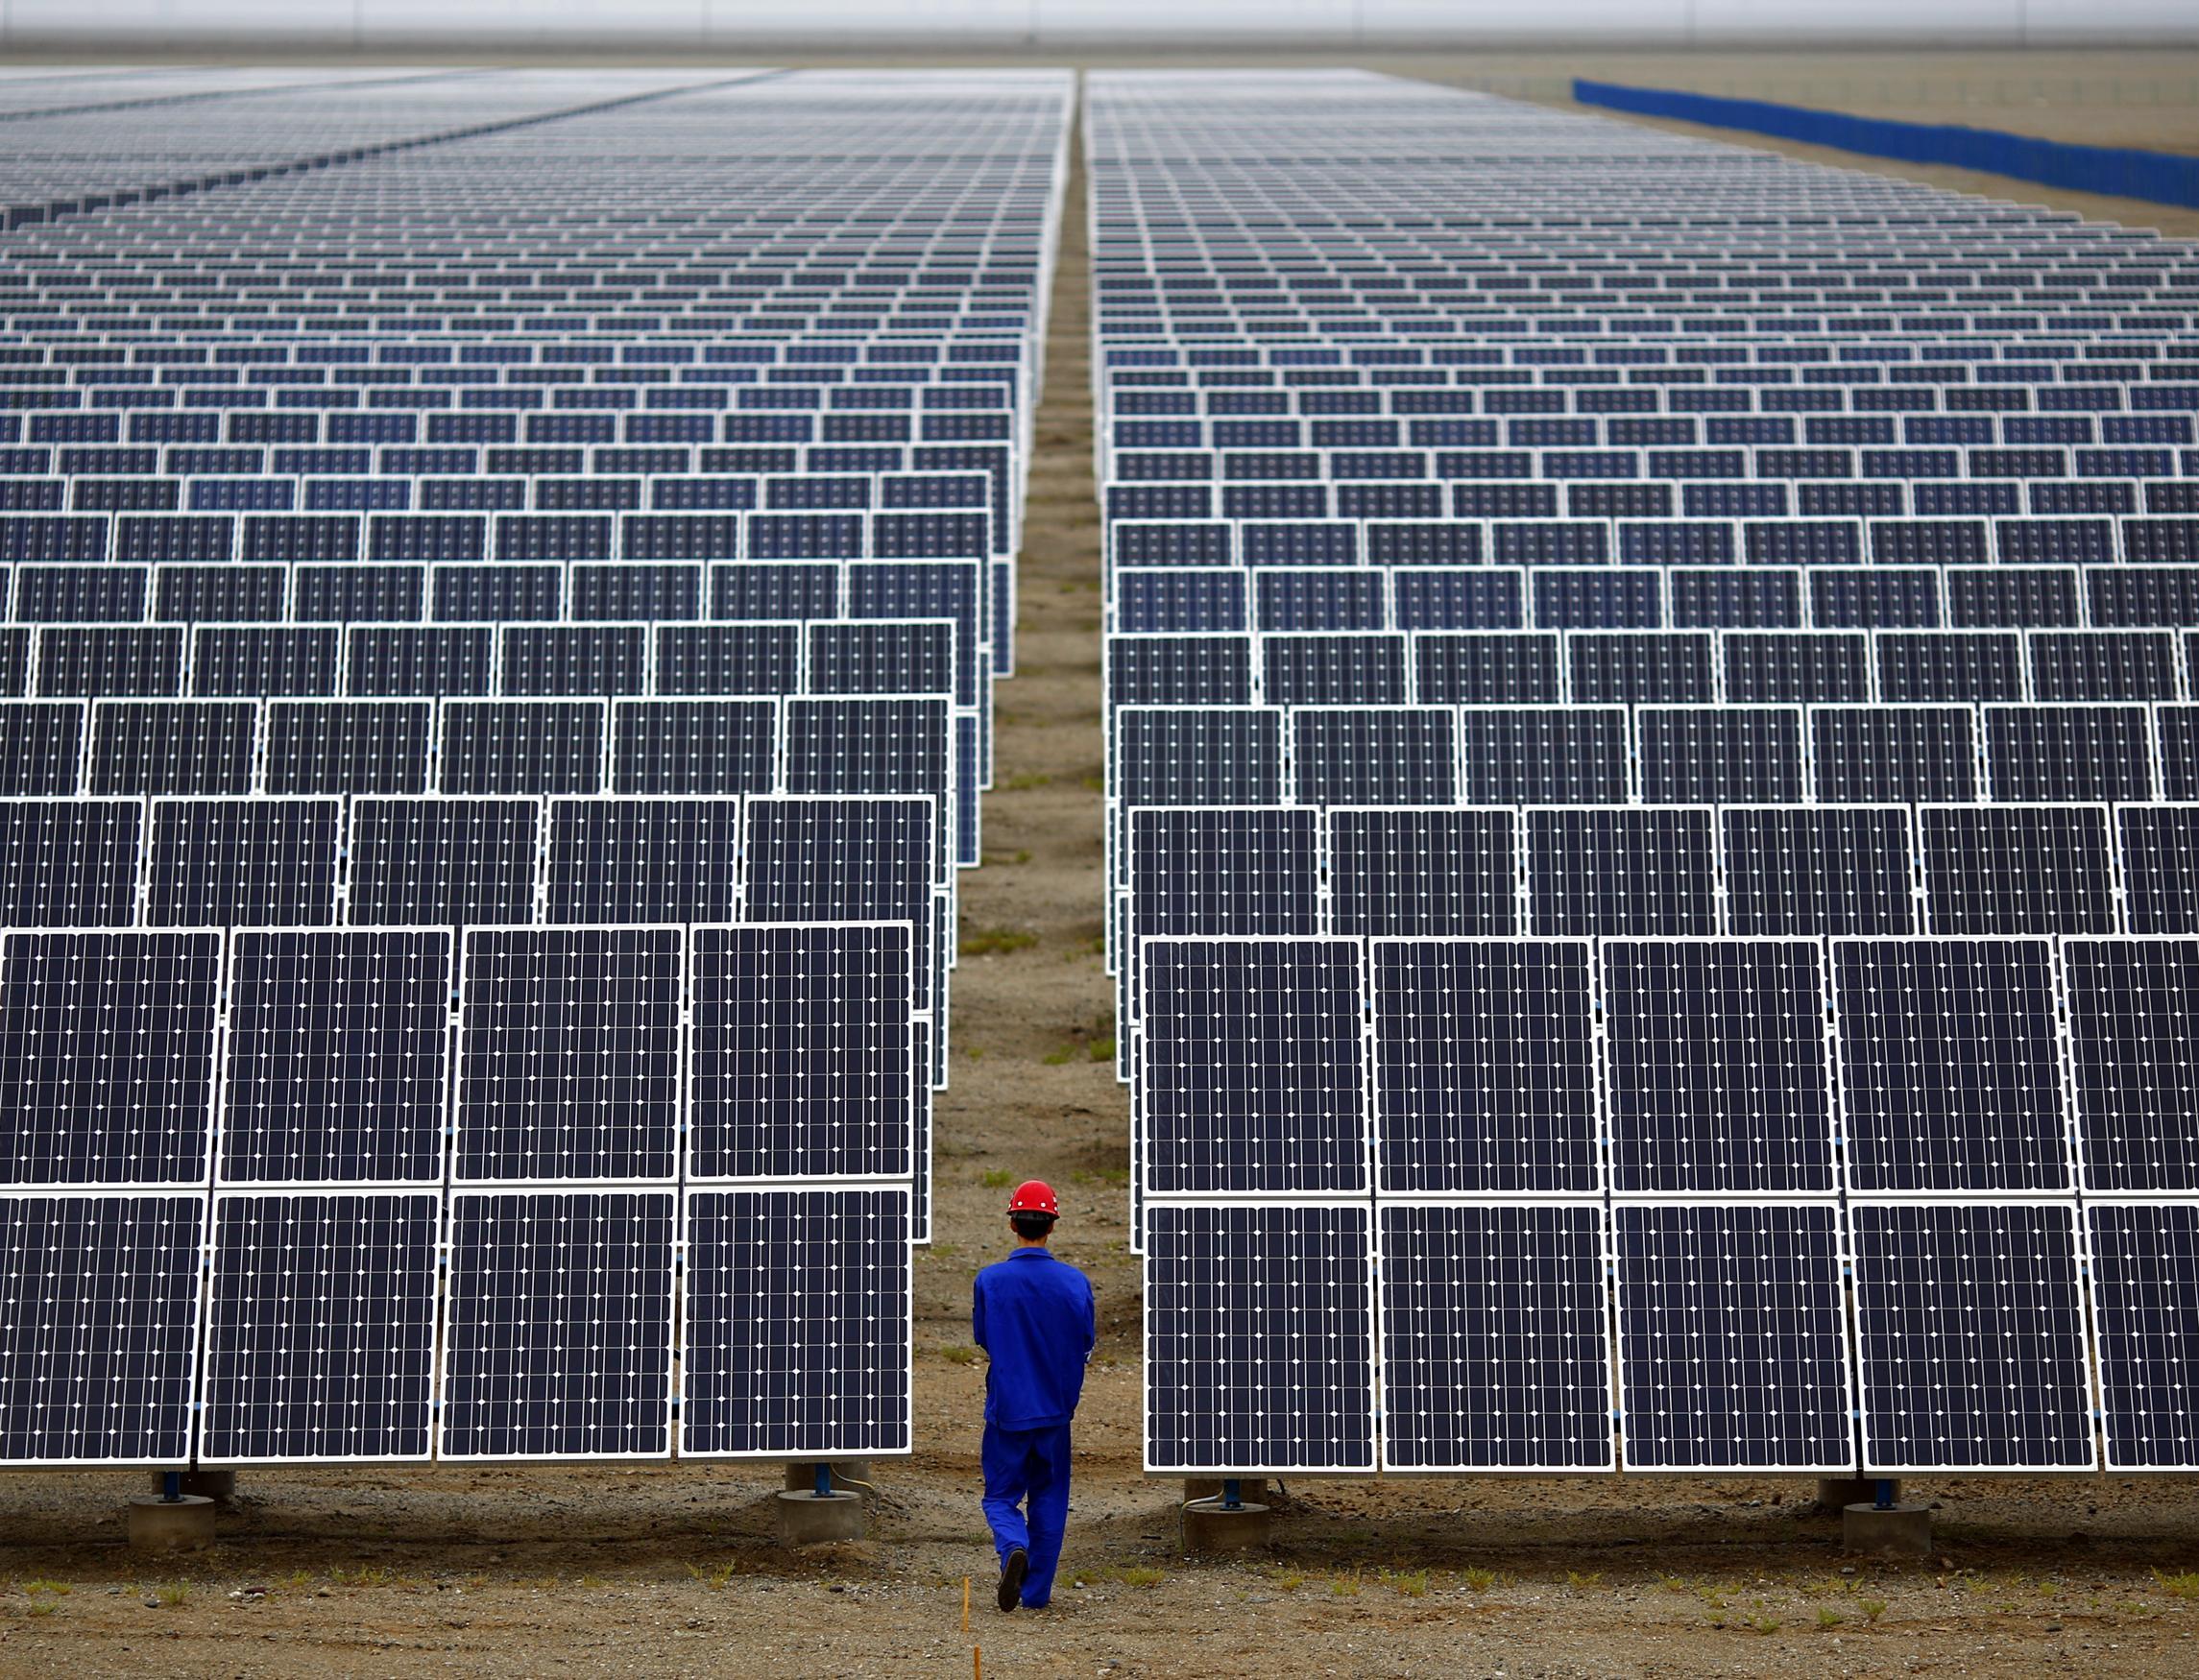 Опубликовано исследование потенциала развития солнечной энергетики в пяти регионах России